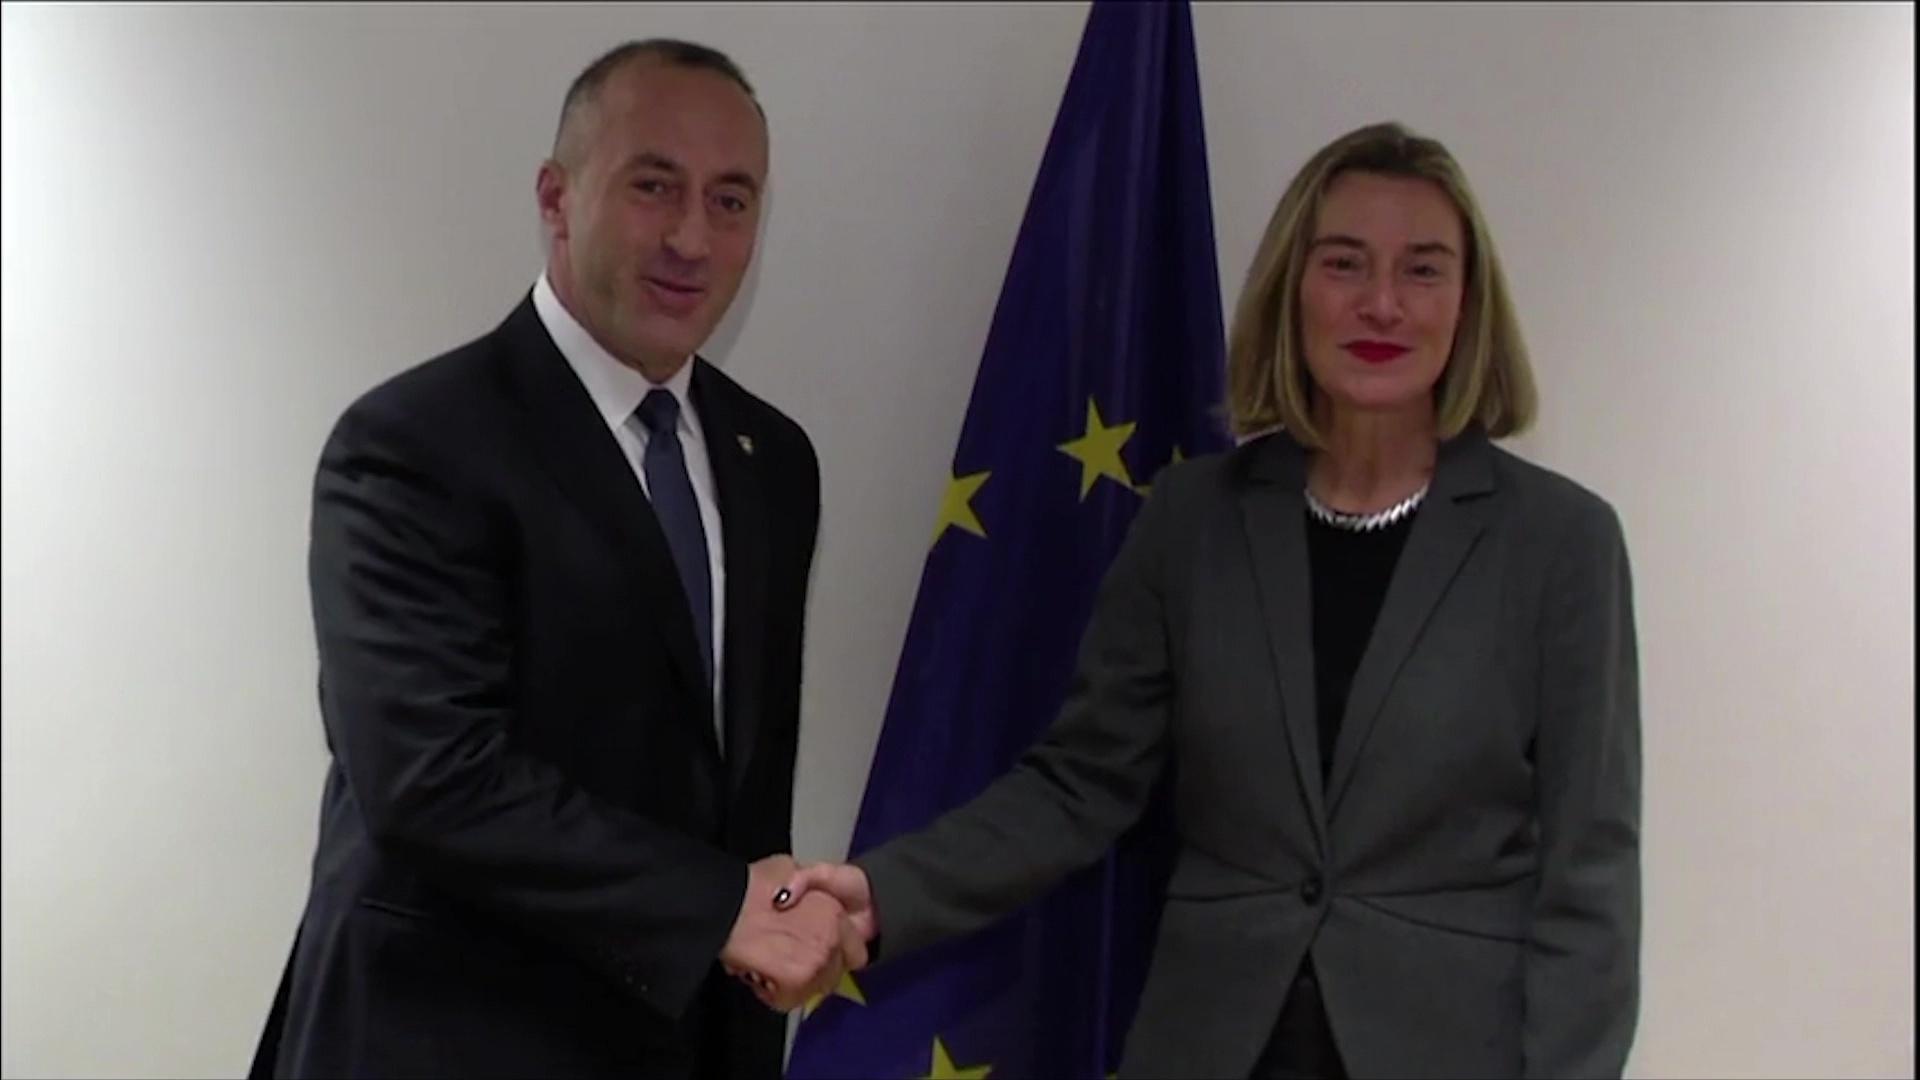 Mediat Serbe: Mogherini u largua nga takimi i Haradinajt pasi ai kërkoi përfshirjen e SHBA